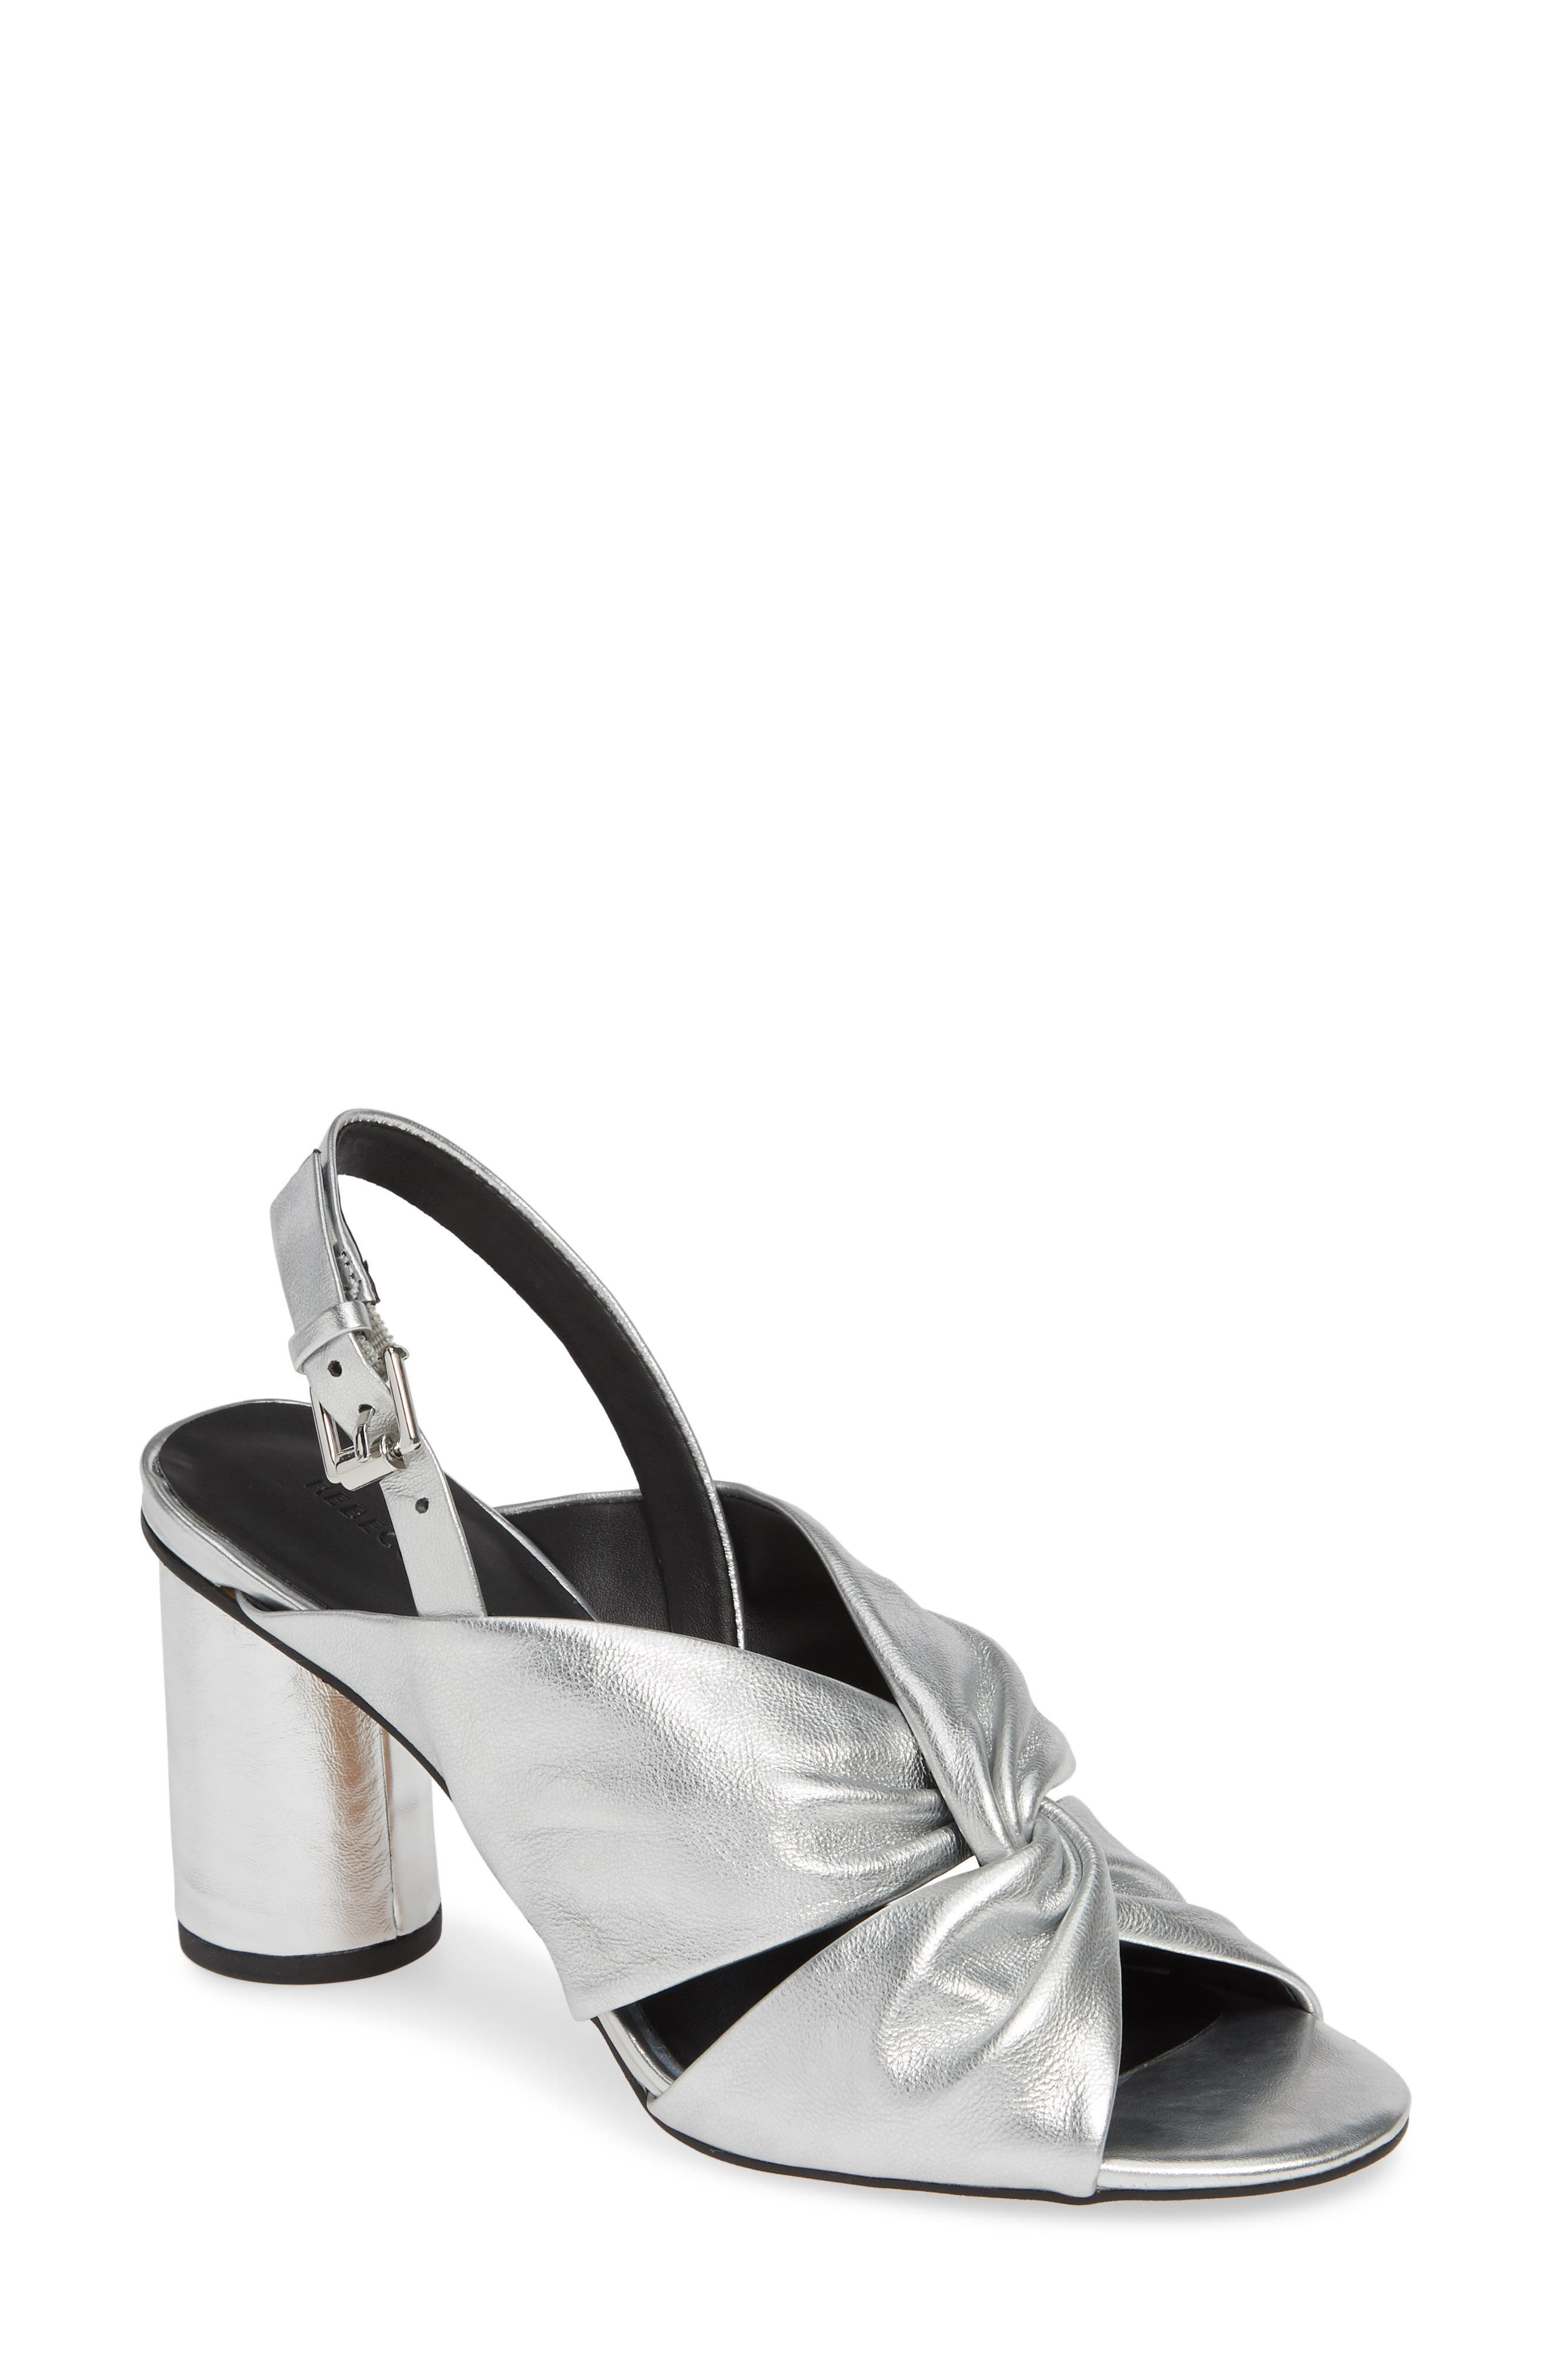 Rebecca Minkoff Agata Slingback Sandal, Metallic